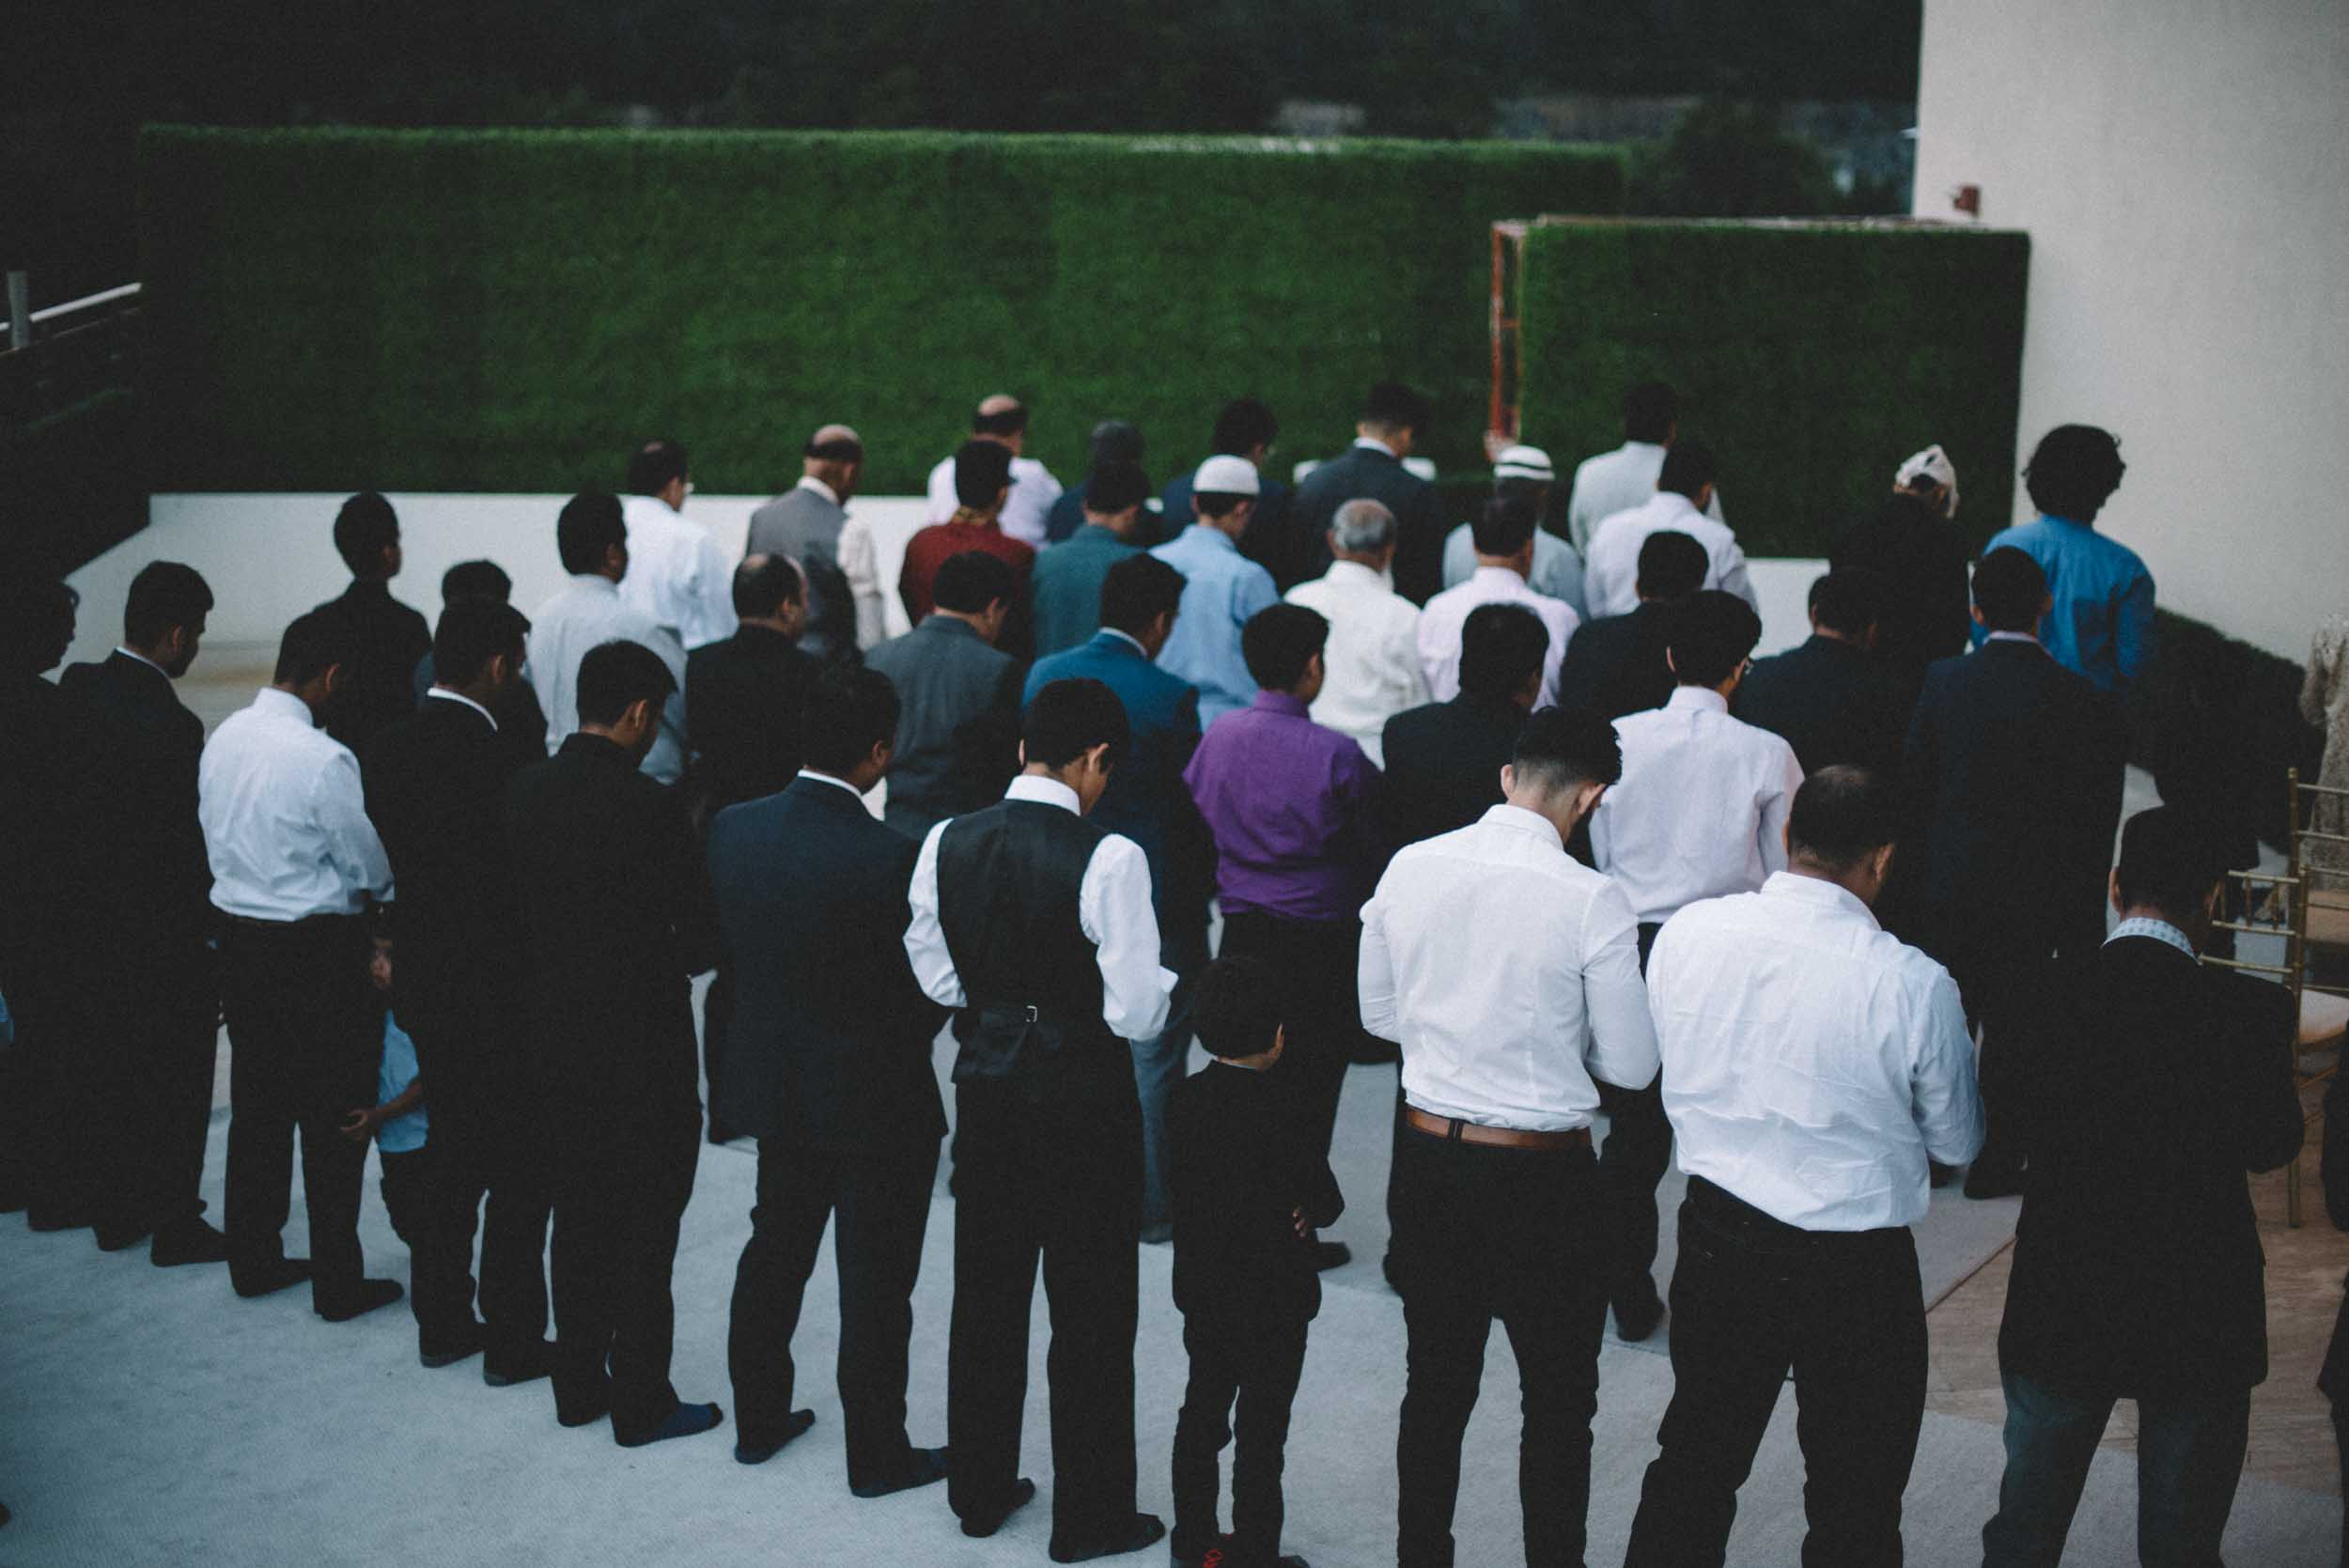 centreville-virginia-wedding-51.jpg